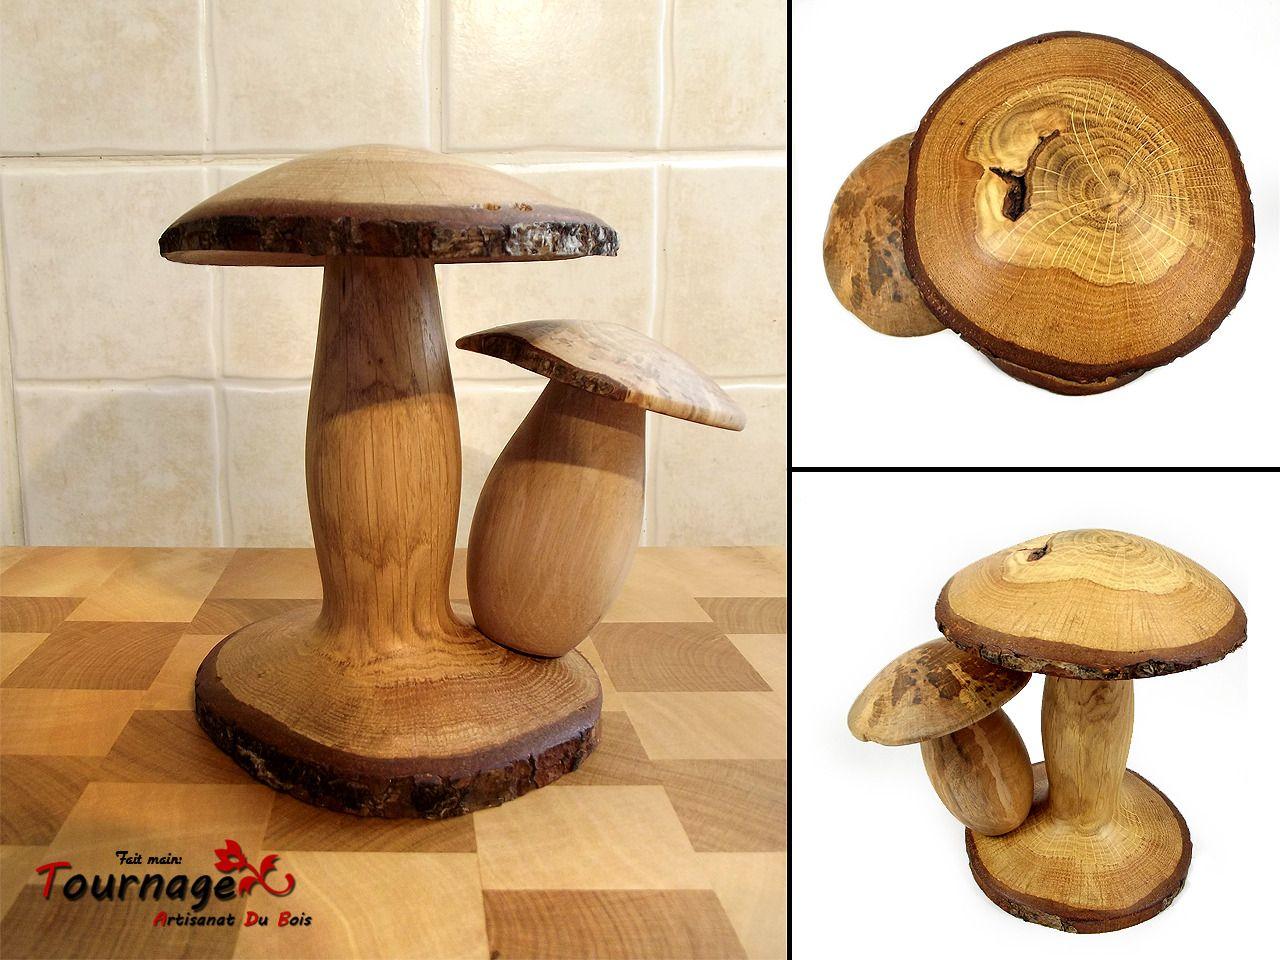 Champignon Bois Maison - Deux champignons en bois de ch u00eane sur un stand Bois de ch u00eane, Tournage et Champignon